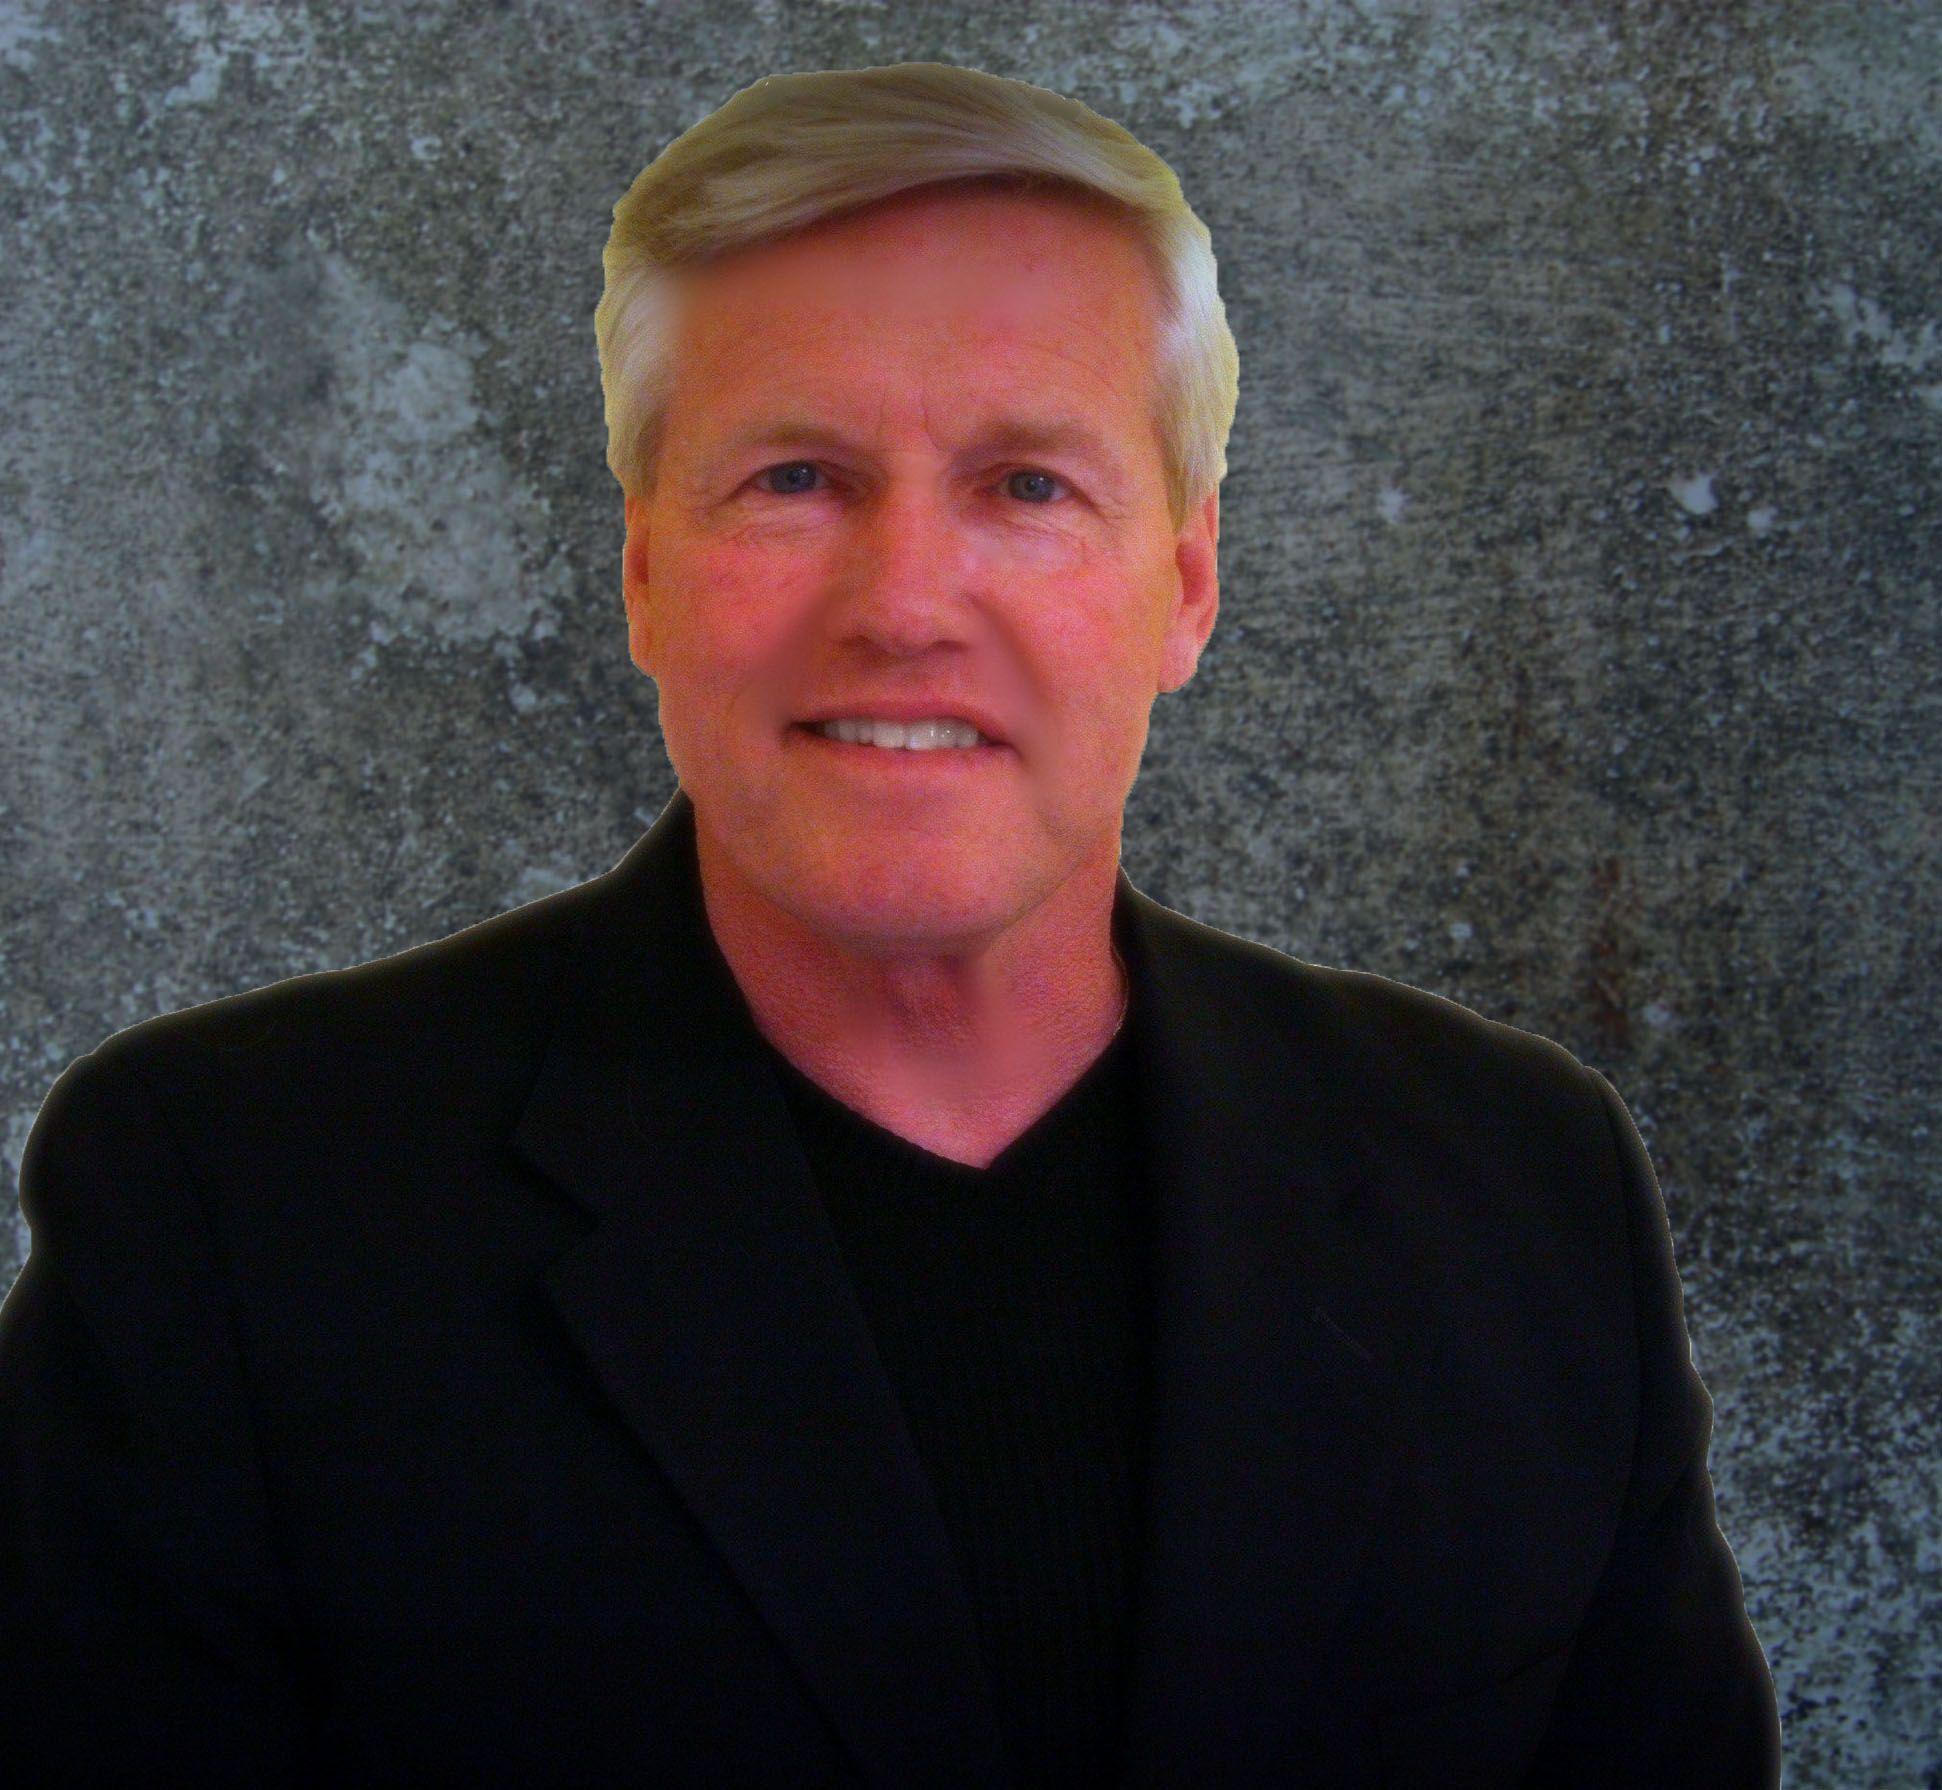 John M. Wills